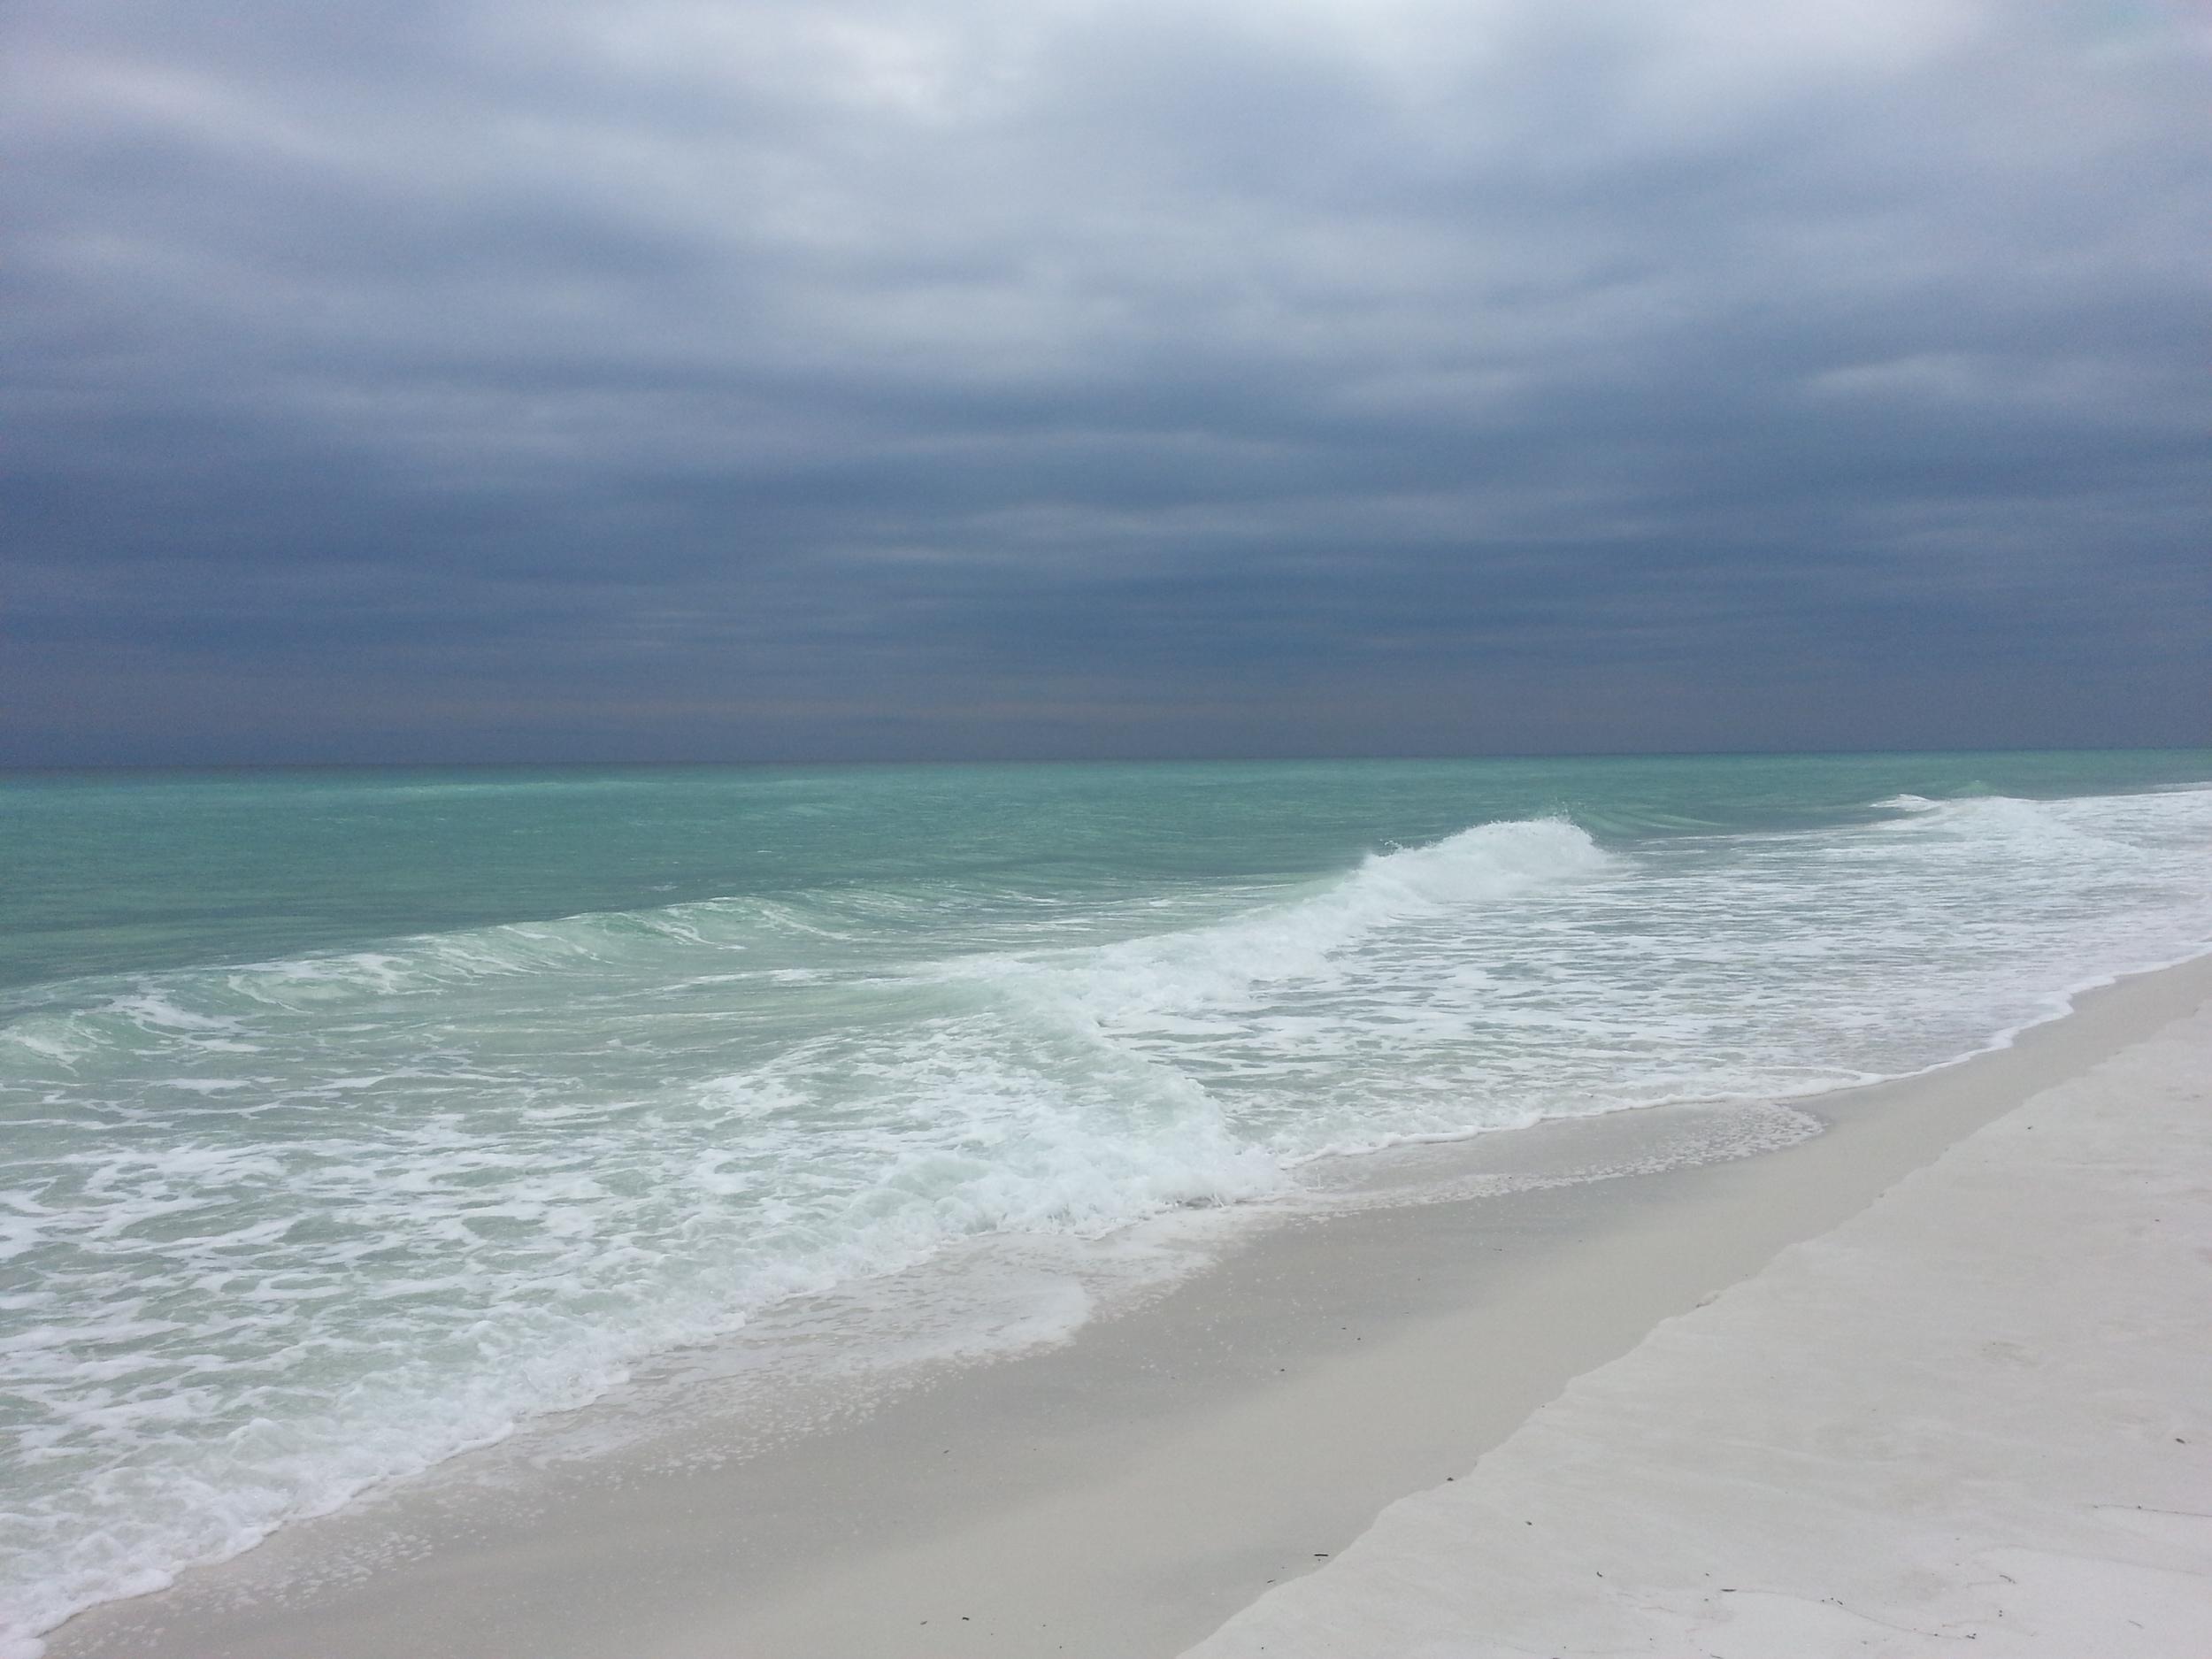 Florida Gulf Coast, Taken by P.E., Jan. 2015